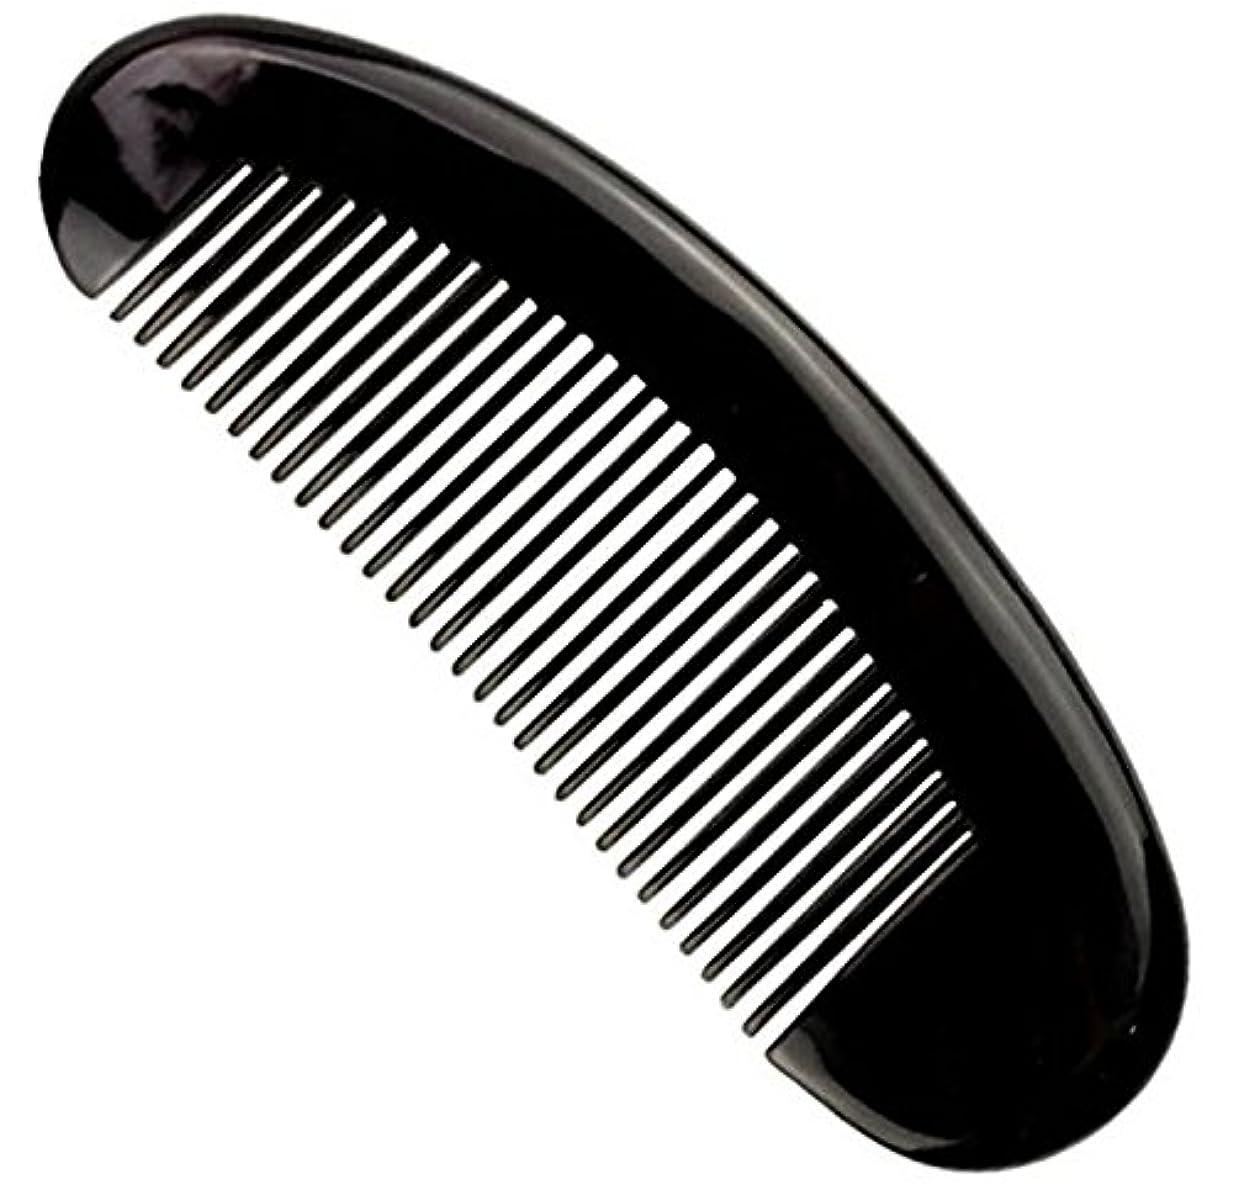 合併症巨人ムスタチオ櫛型 プロも使う牛角かっさプレー マサージ用 血行改善 高級 天然 静電気防止 美髪 美顔 ボディ リンパマッサージ